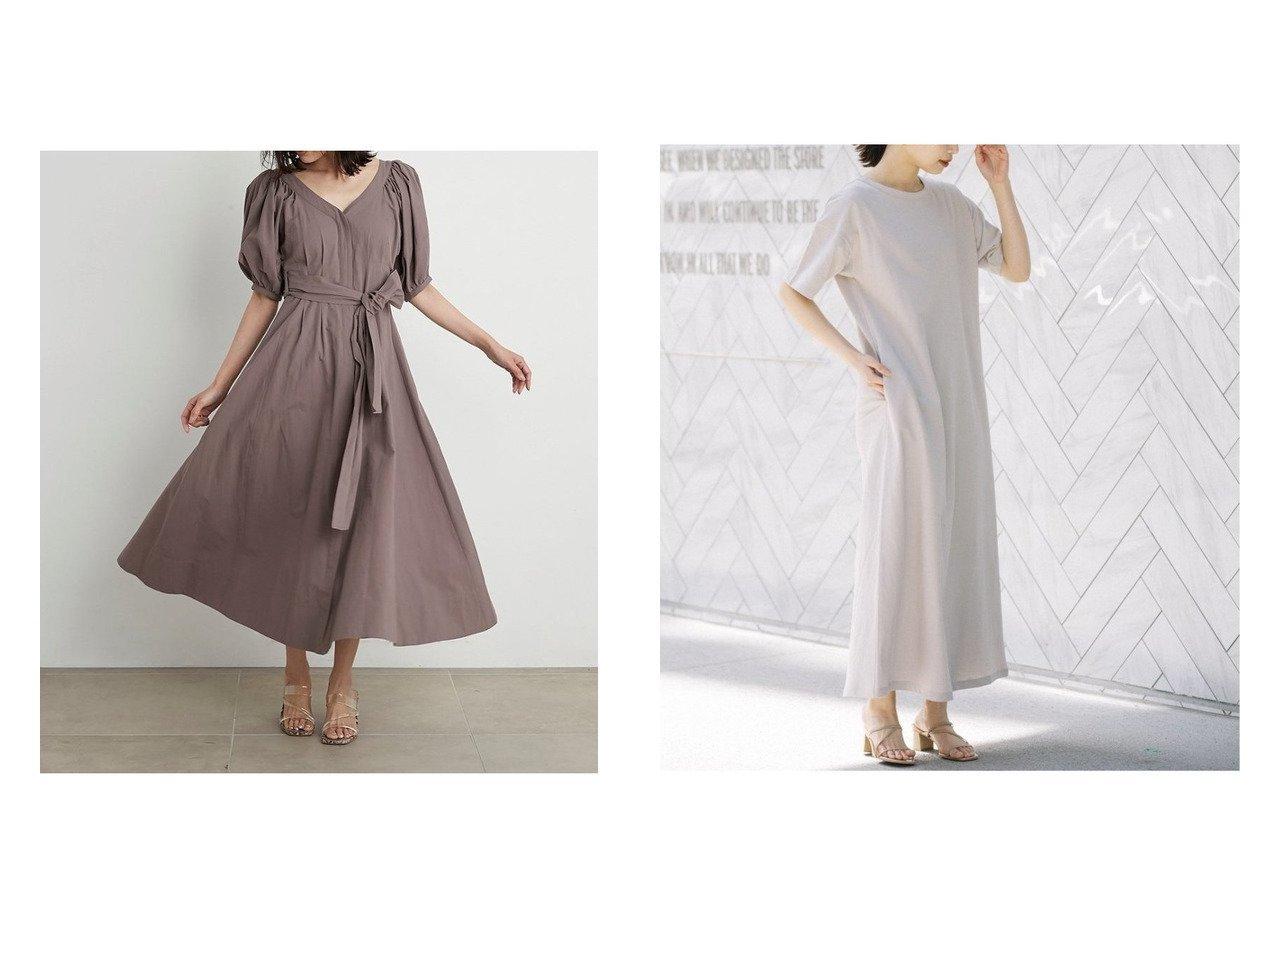 【Munich/ミューニック】のドライタッチインレー Tシャツロングワンピース&【SNIDEL/スナイデル】のコットンステッチワンピース 【ワンピース・ドレス】おすすめ!人気、トレンド・レディースファッションの通販 おすすめで人気の流行・トレンド、ファッションの通販商品 インテリア・家具・メンズファッション・キッズファッション・レディースファッション・服の通販 founy(ファニー) https://founy.com/ ファッション Fashion レディースファッション WOMEN ワンピース Dress マキシワンピース Maxi Dress NEW・新作・新着・新入荷 New Arrivals インナー カッティング ギンガム スリーブ チェック トレンド バランス 無地 カーディガン クール シンプル ストレッチ ドレープ パープル ポケット マキシ ラベンダー リゾート ロング 2021年 2021 S/S・春夏 SS・Spring/Summer 2021春夏・S/S SS/Spring/Summer/2021 おすすめ Recommend 夏 Summer |ID:crp329100000047598